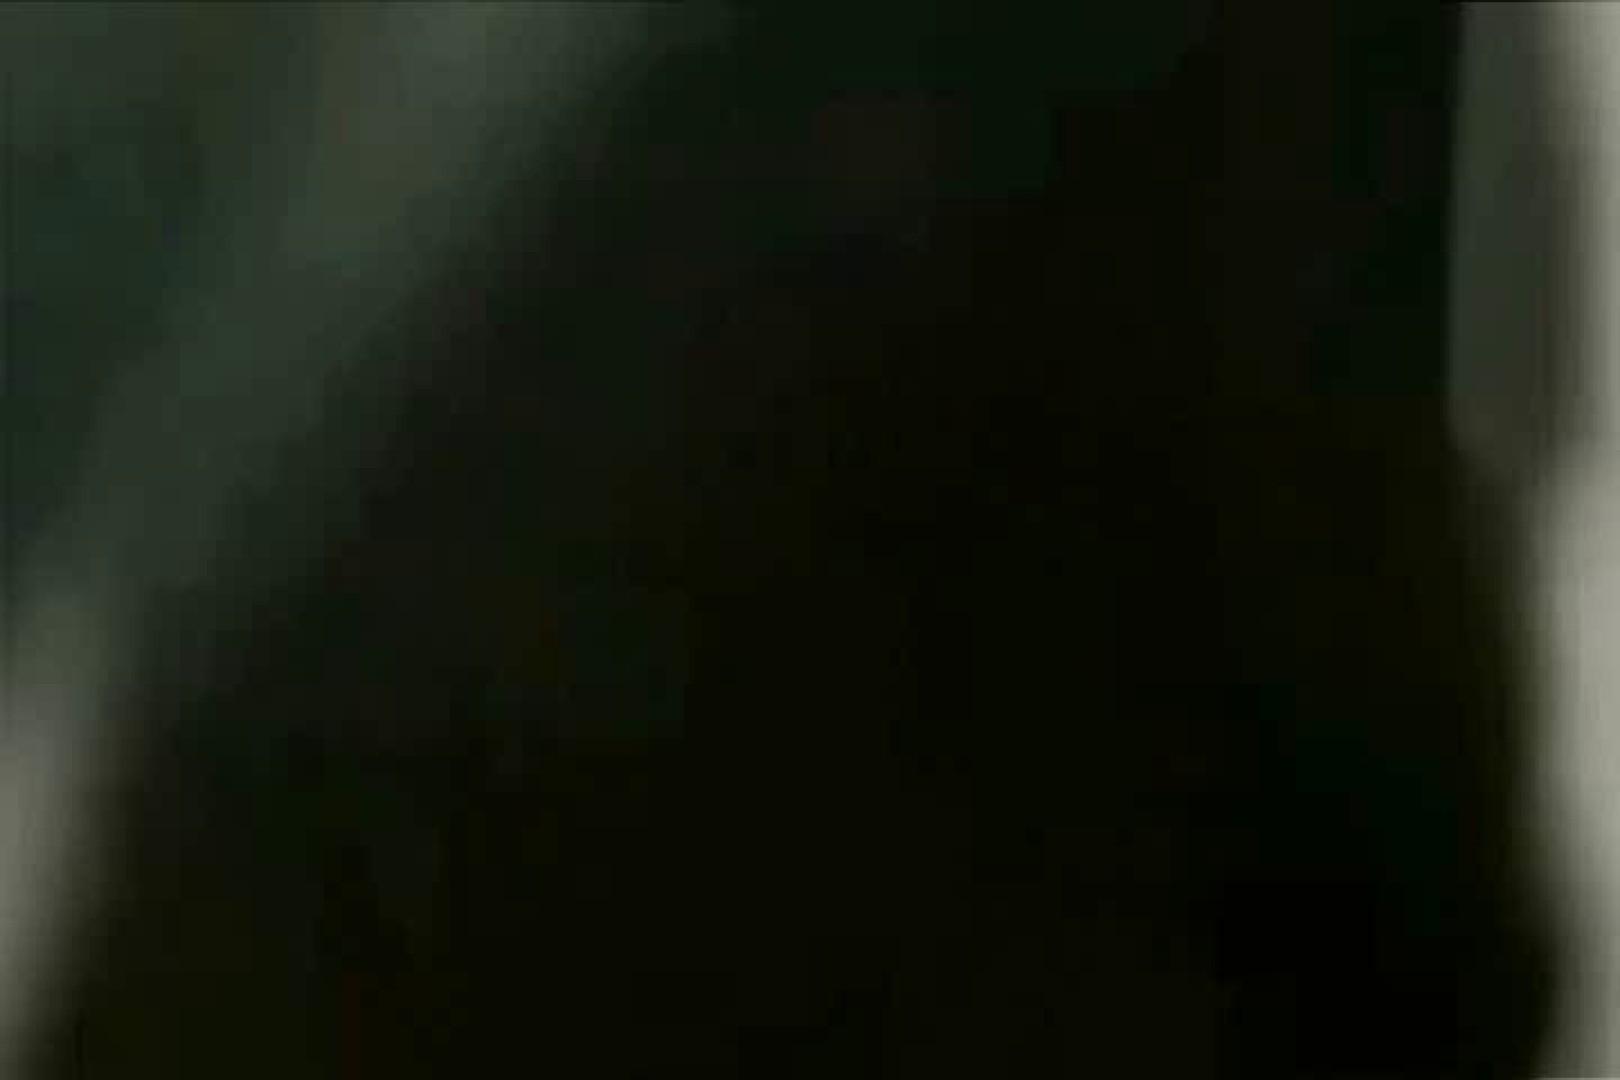 ぼっとん洗面所スペシャルVol.10 潜入 盗撮ワレメ無修正動画無料 20pic 12